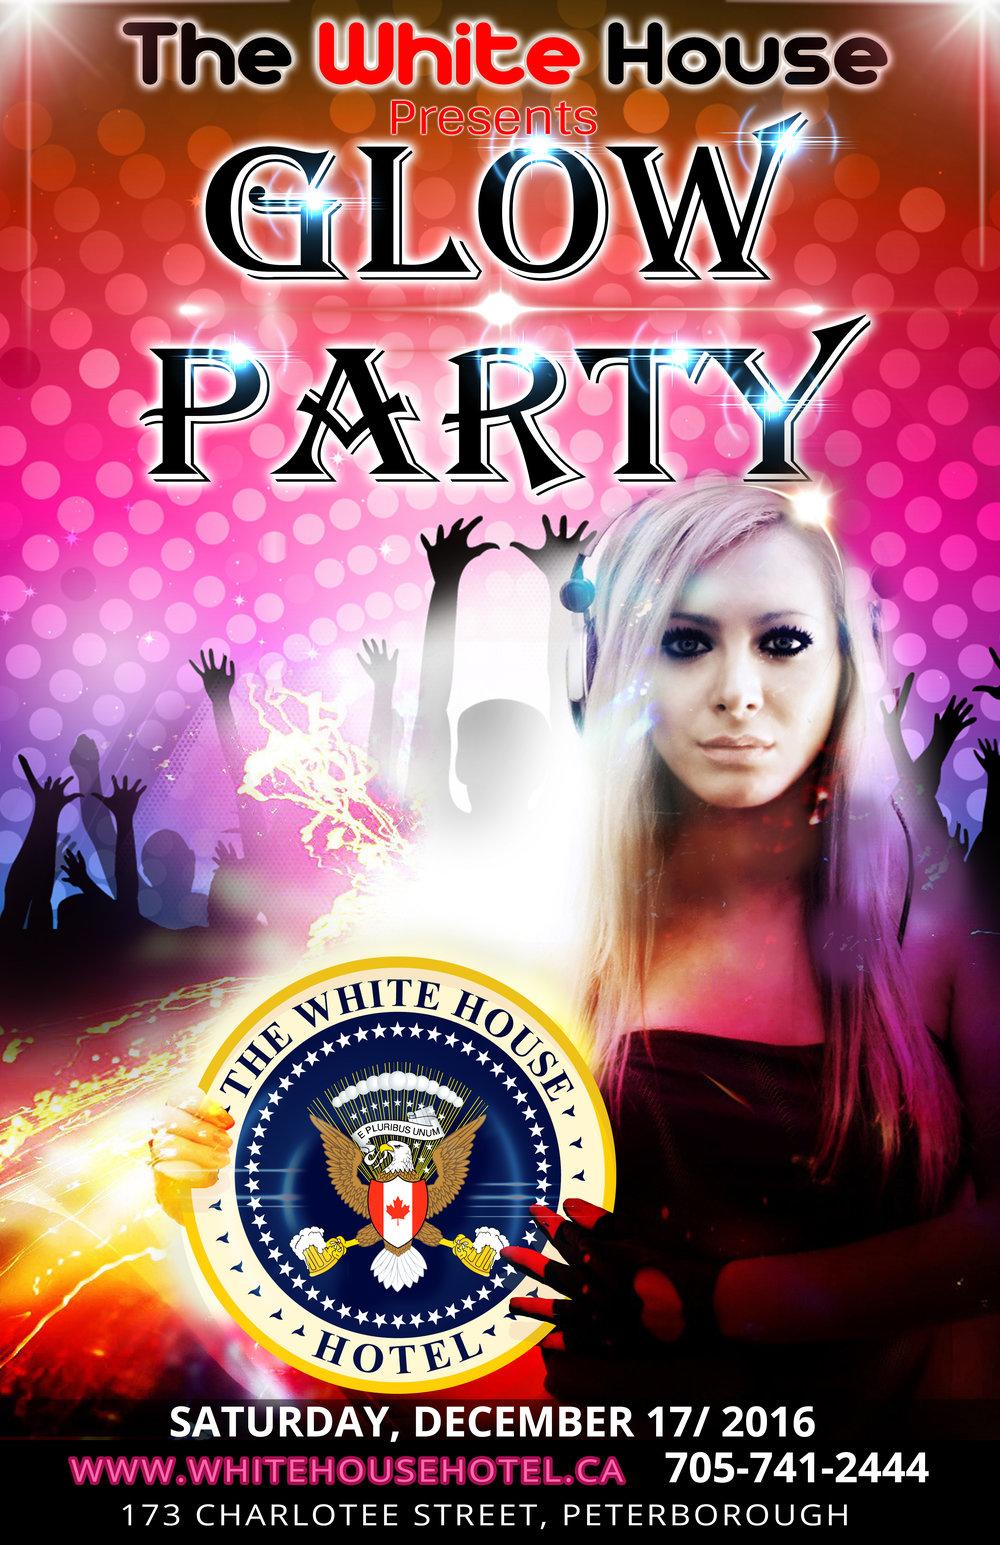 White House Hotel Poster.jpg